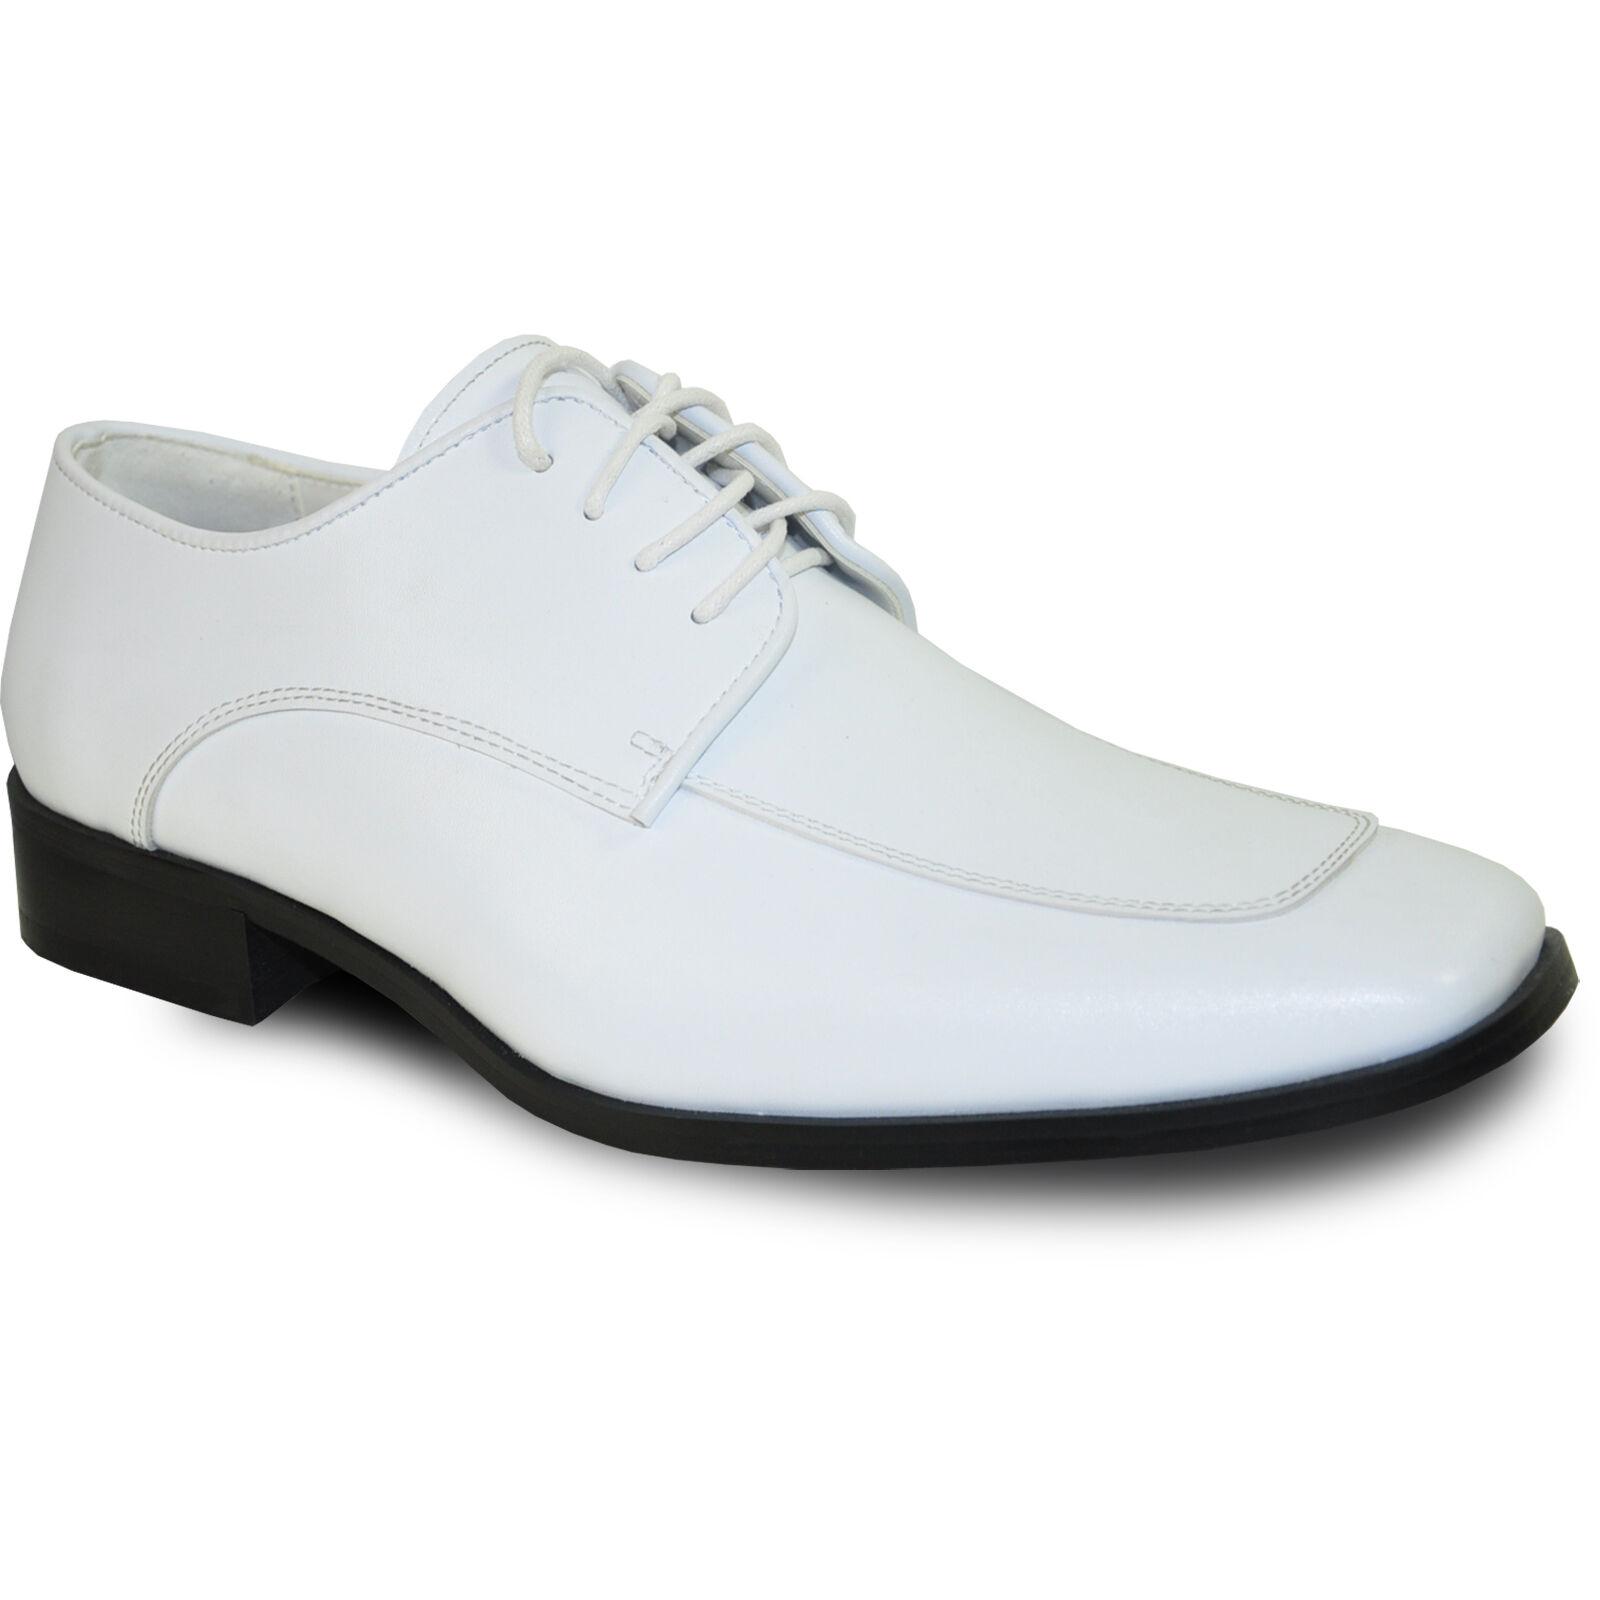 Nuevo vestido para Hombres Zapato Vangelo TUX-3 Oxford evento formal Moc Toe Wrinkle Free